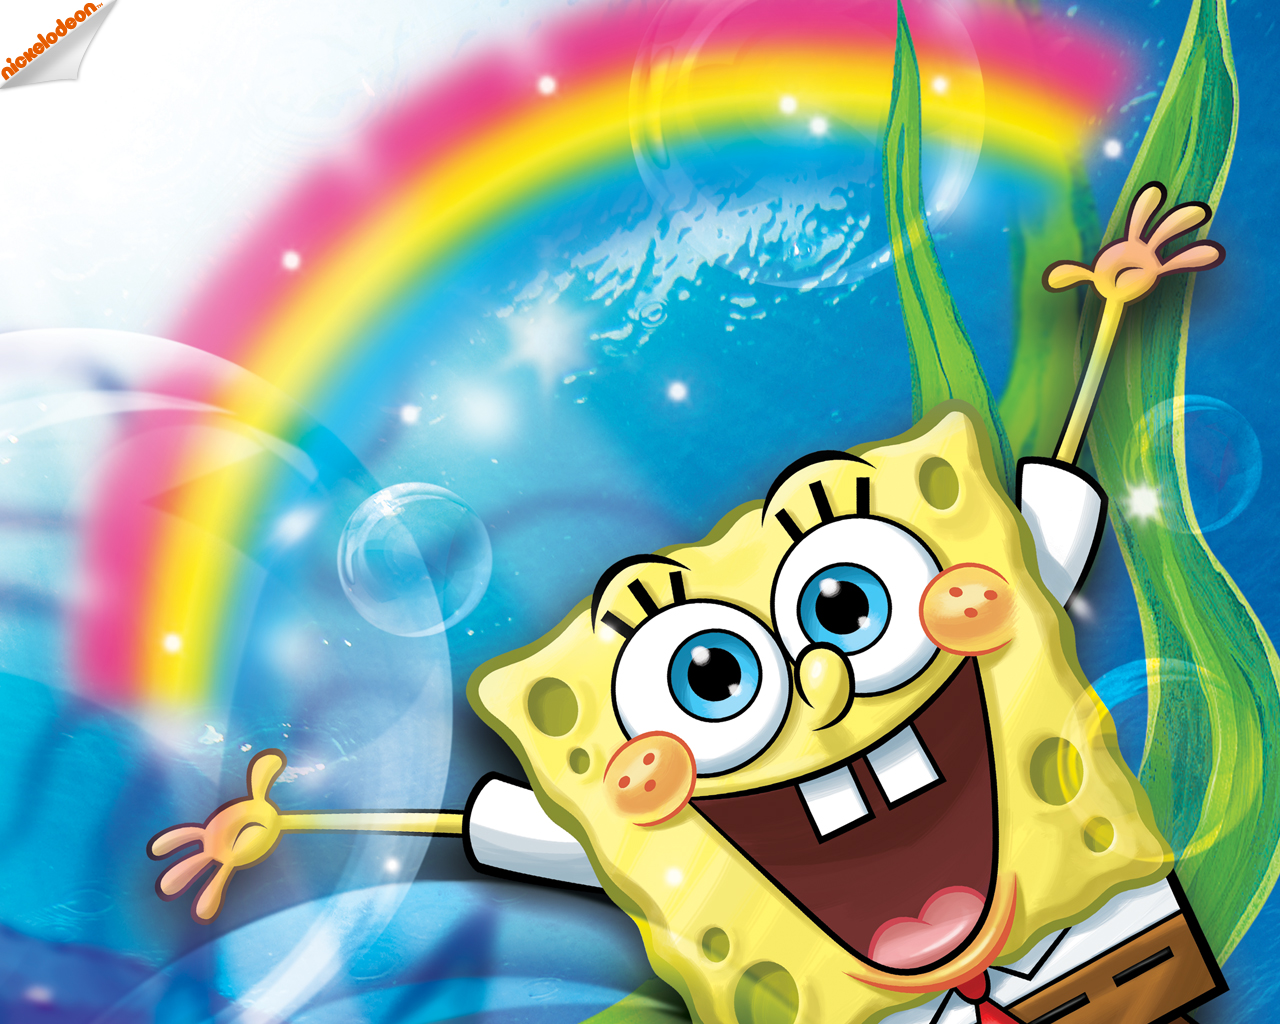 Spongebob Schwammkopf Spongebob Squarepants Wallpaper